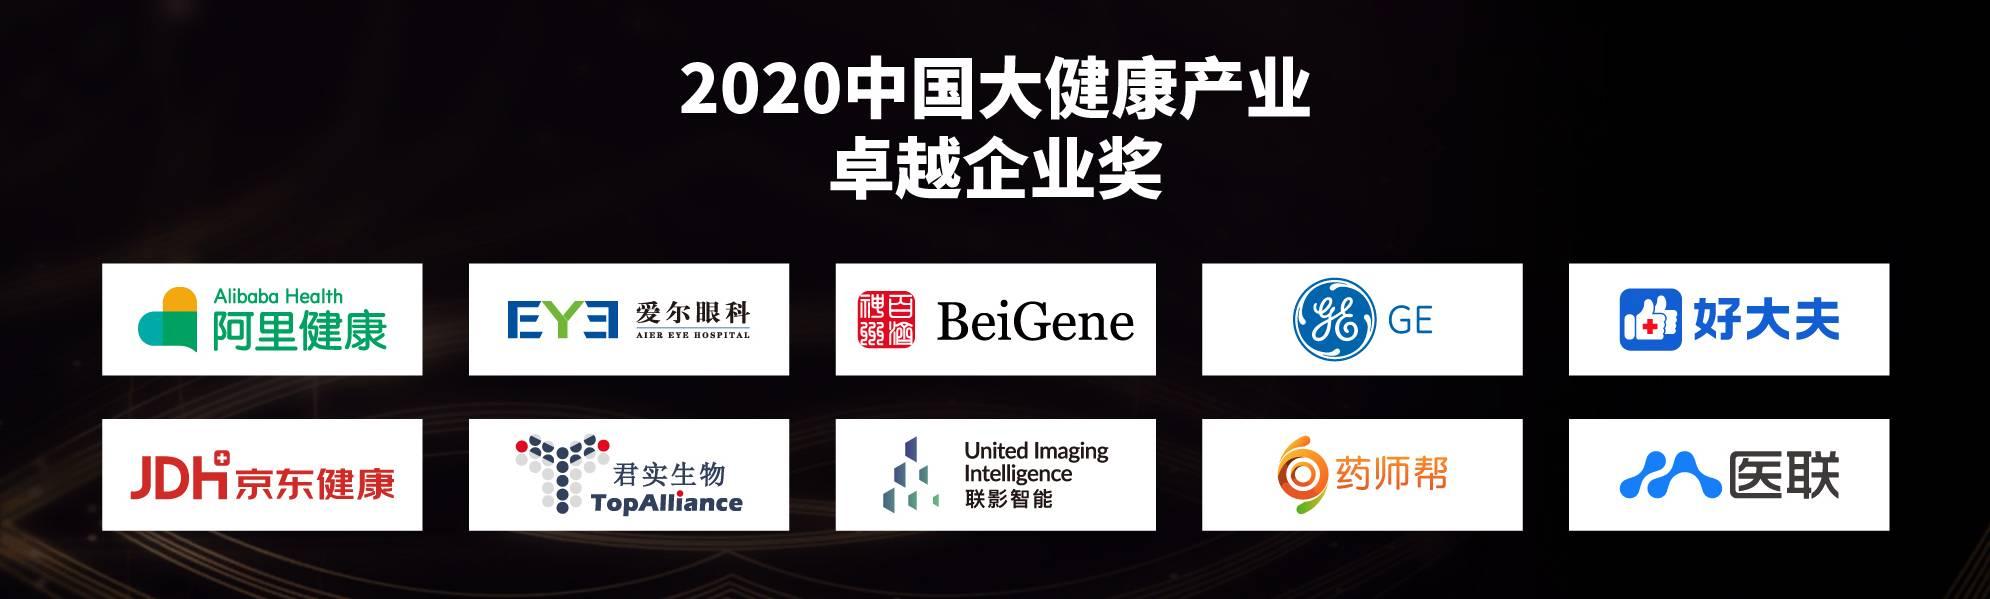 2020中国大健康产业卓越企业奖项.jpg